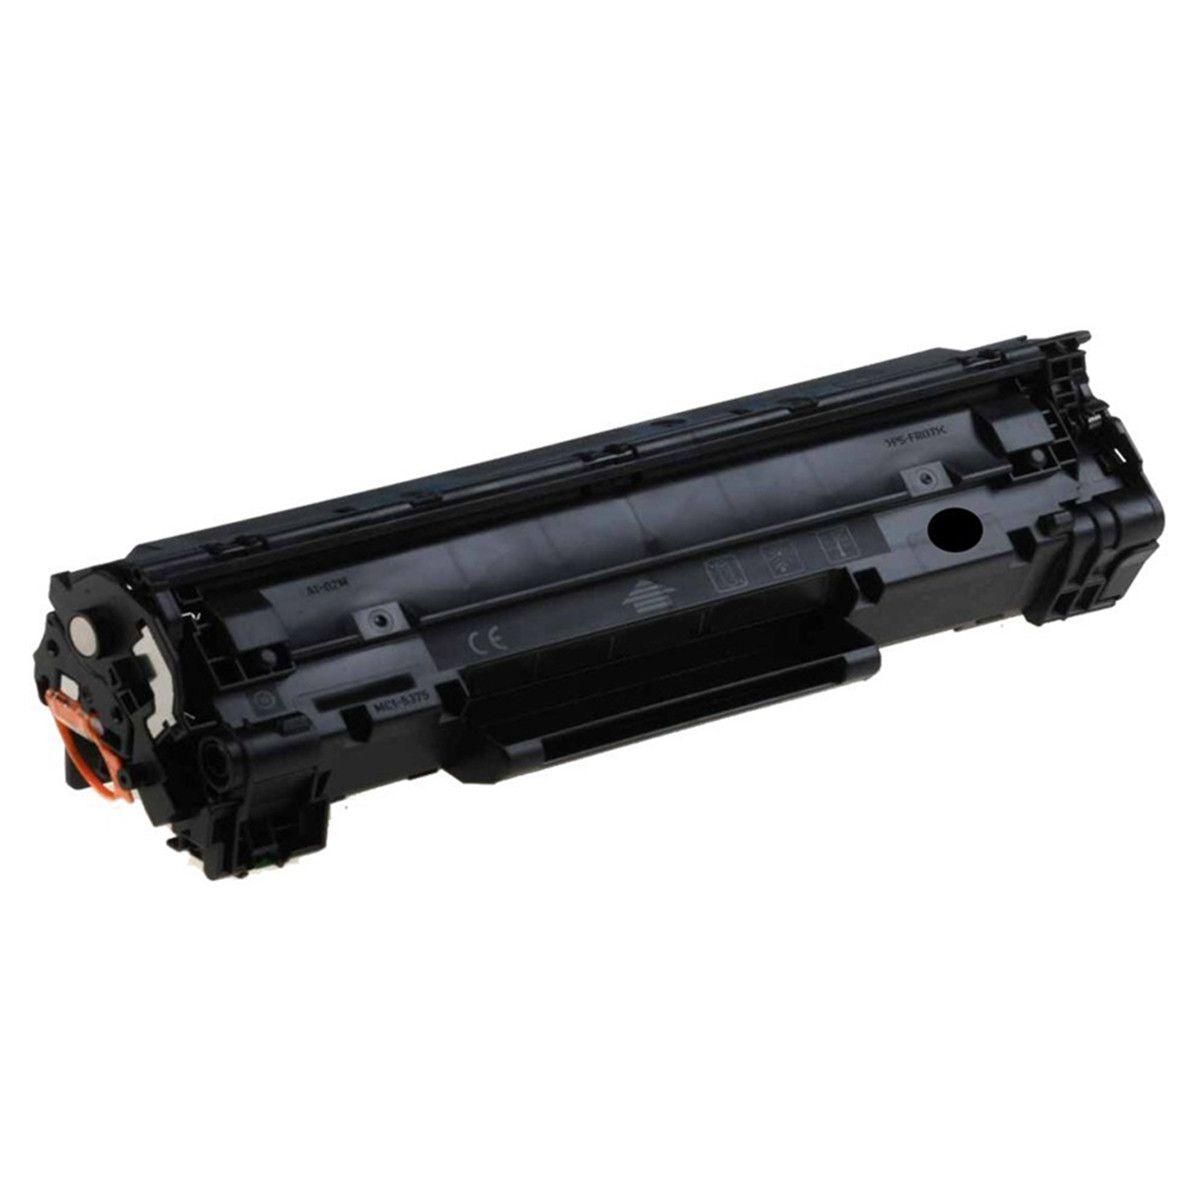 Toner Compatível com HP CF-400A 201A CF400AB Black 1.500 Páginas - Cartucho & Cia